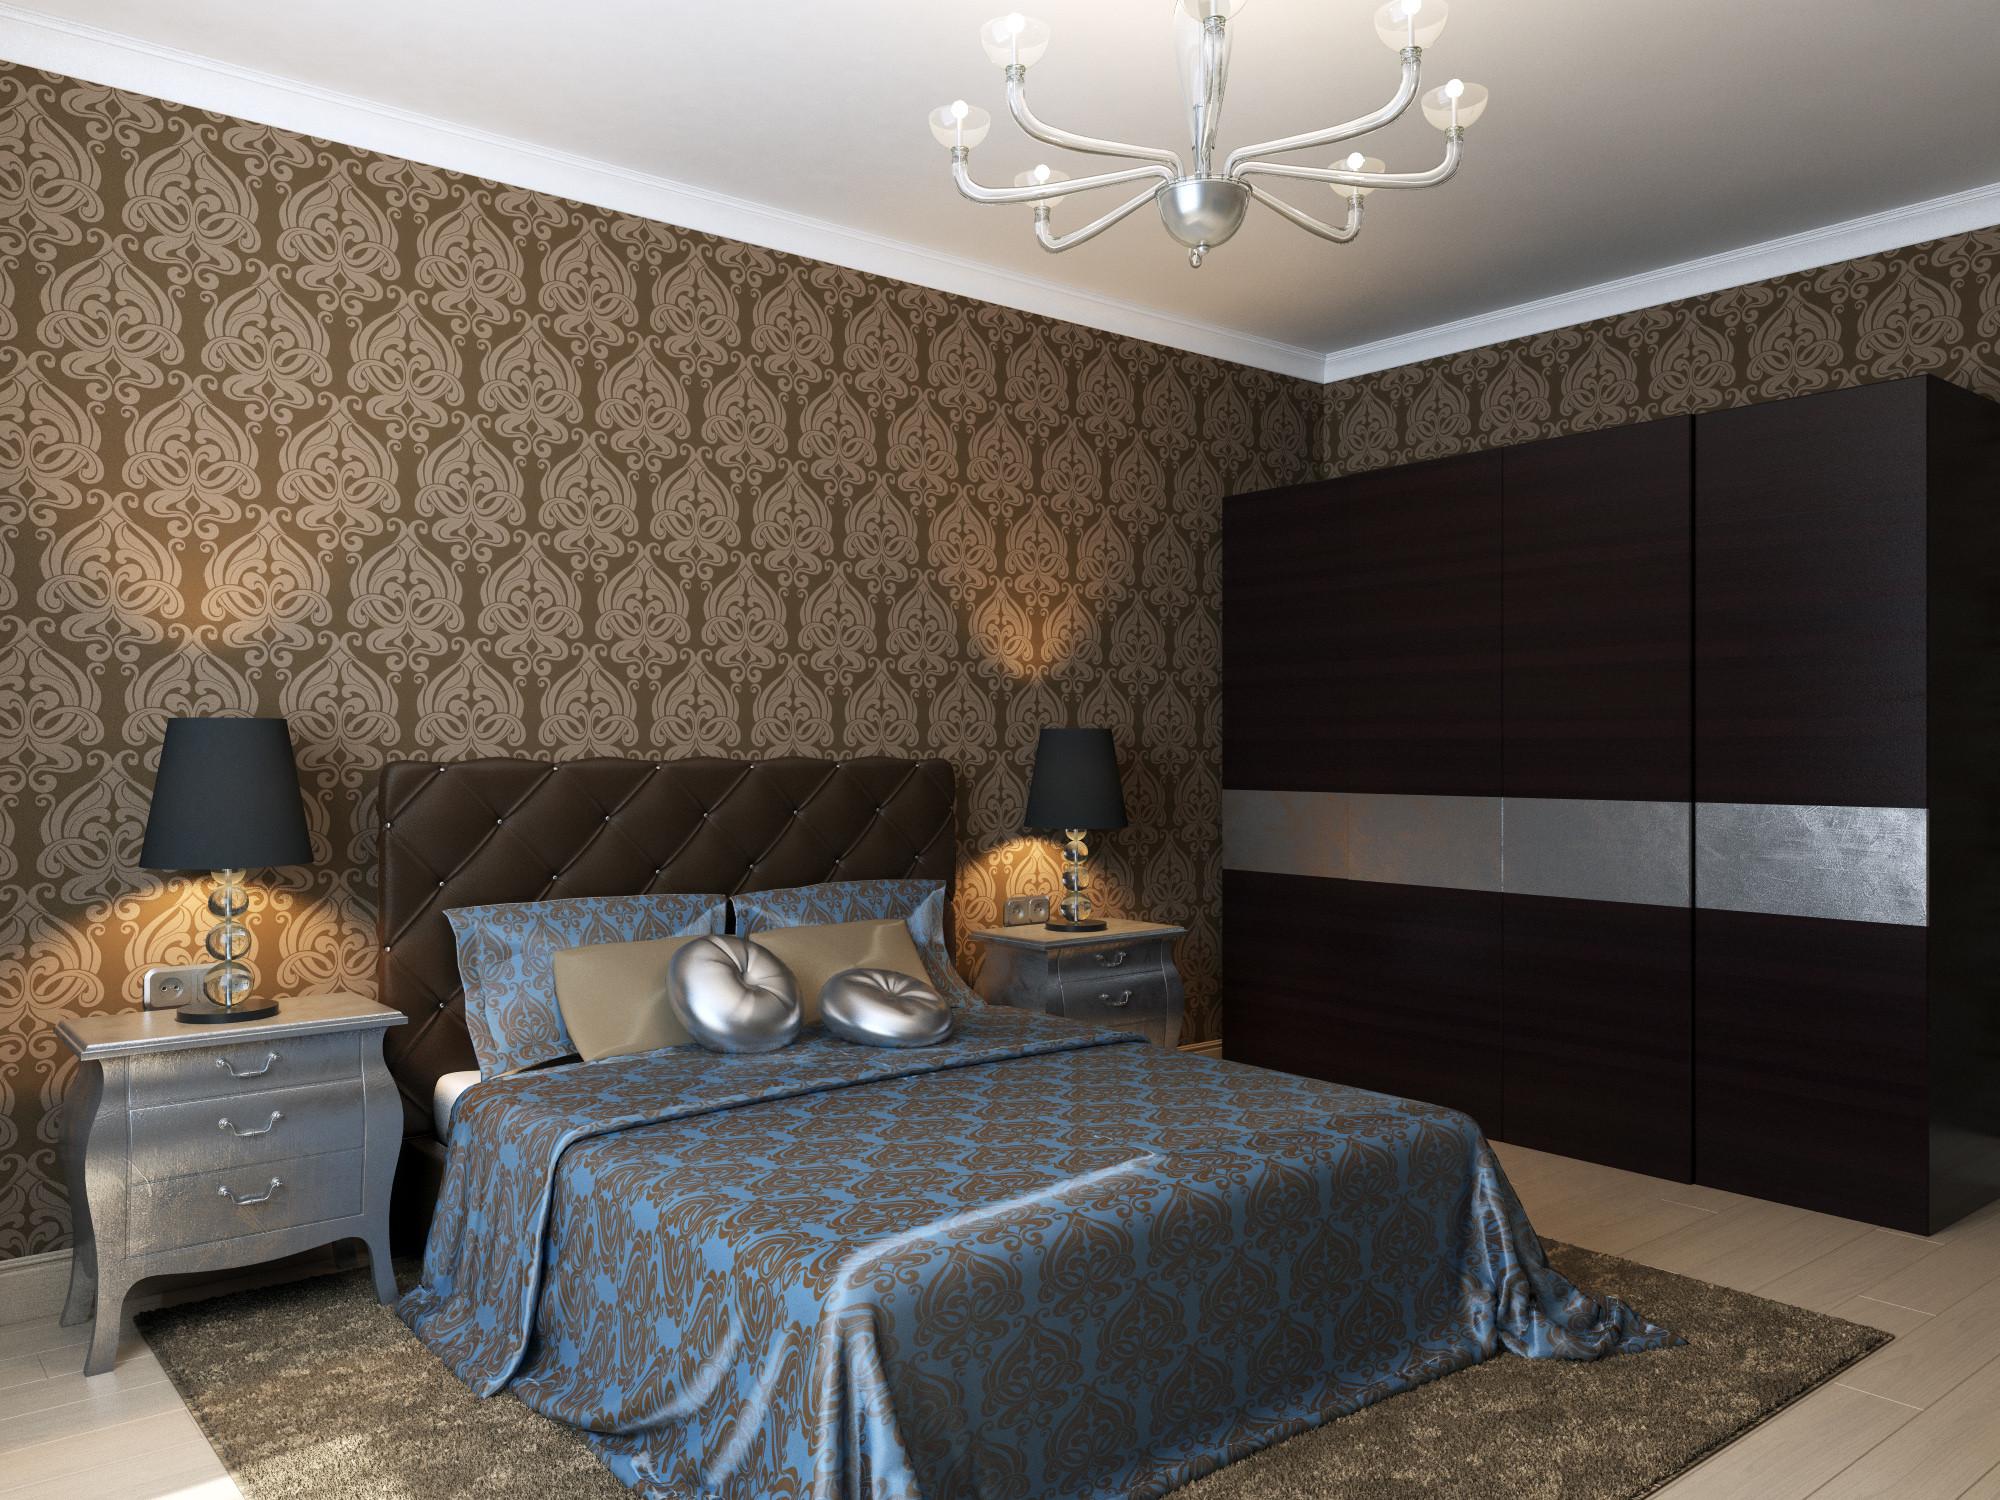 bedroom interior1.jpg